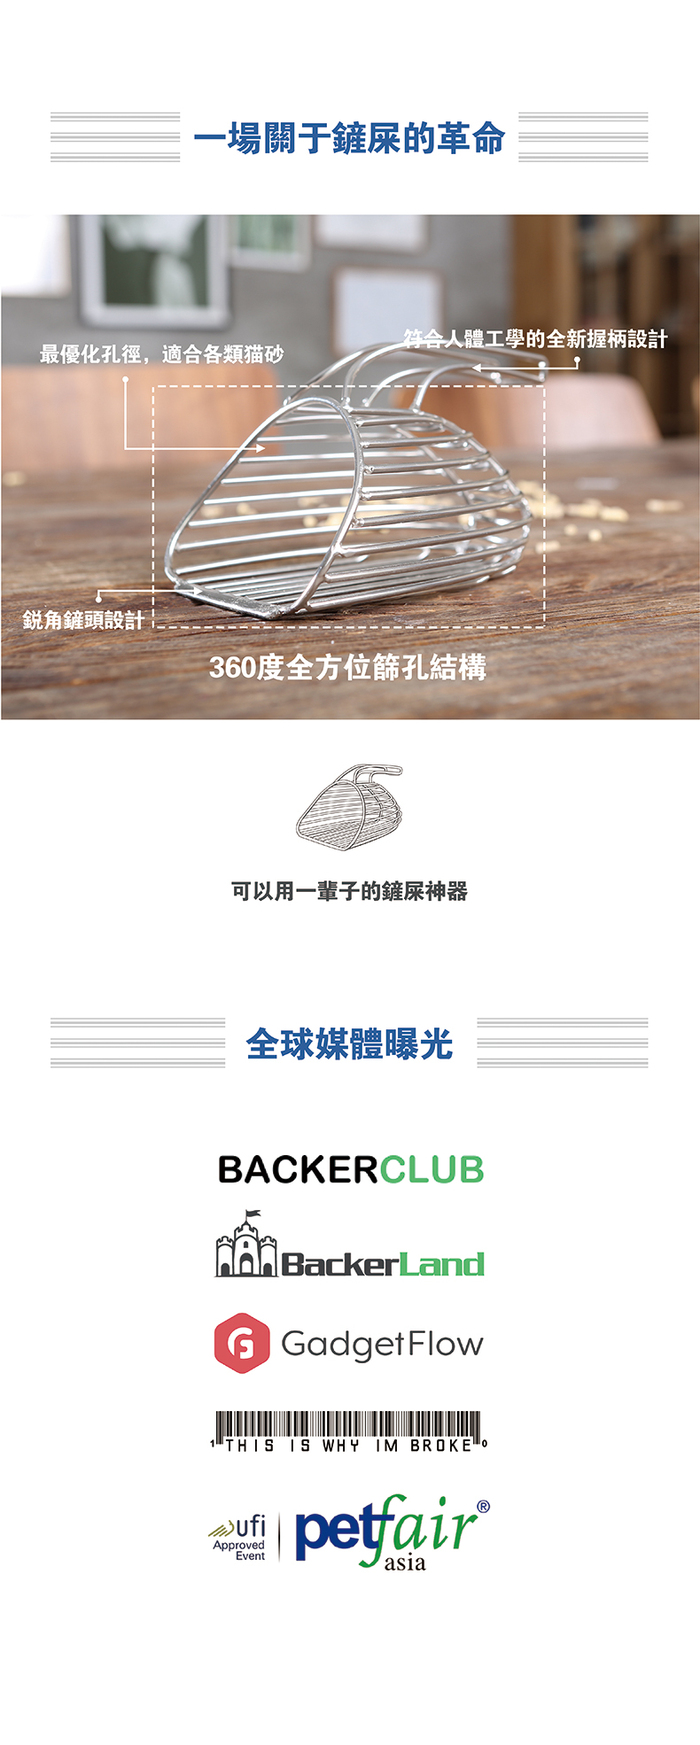 【集購】香港 IronScoop 可以用一輩子的超快超爽貓鏟鏟屎神器